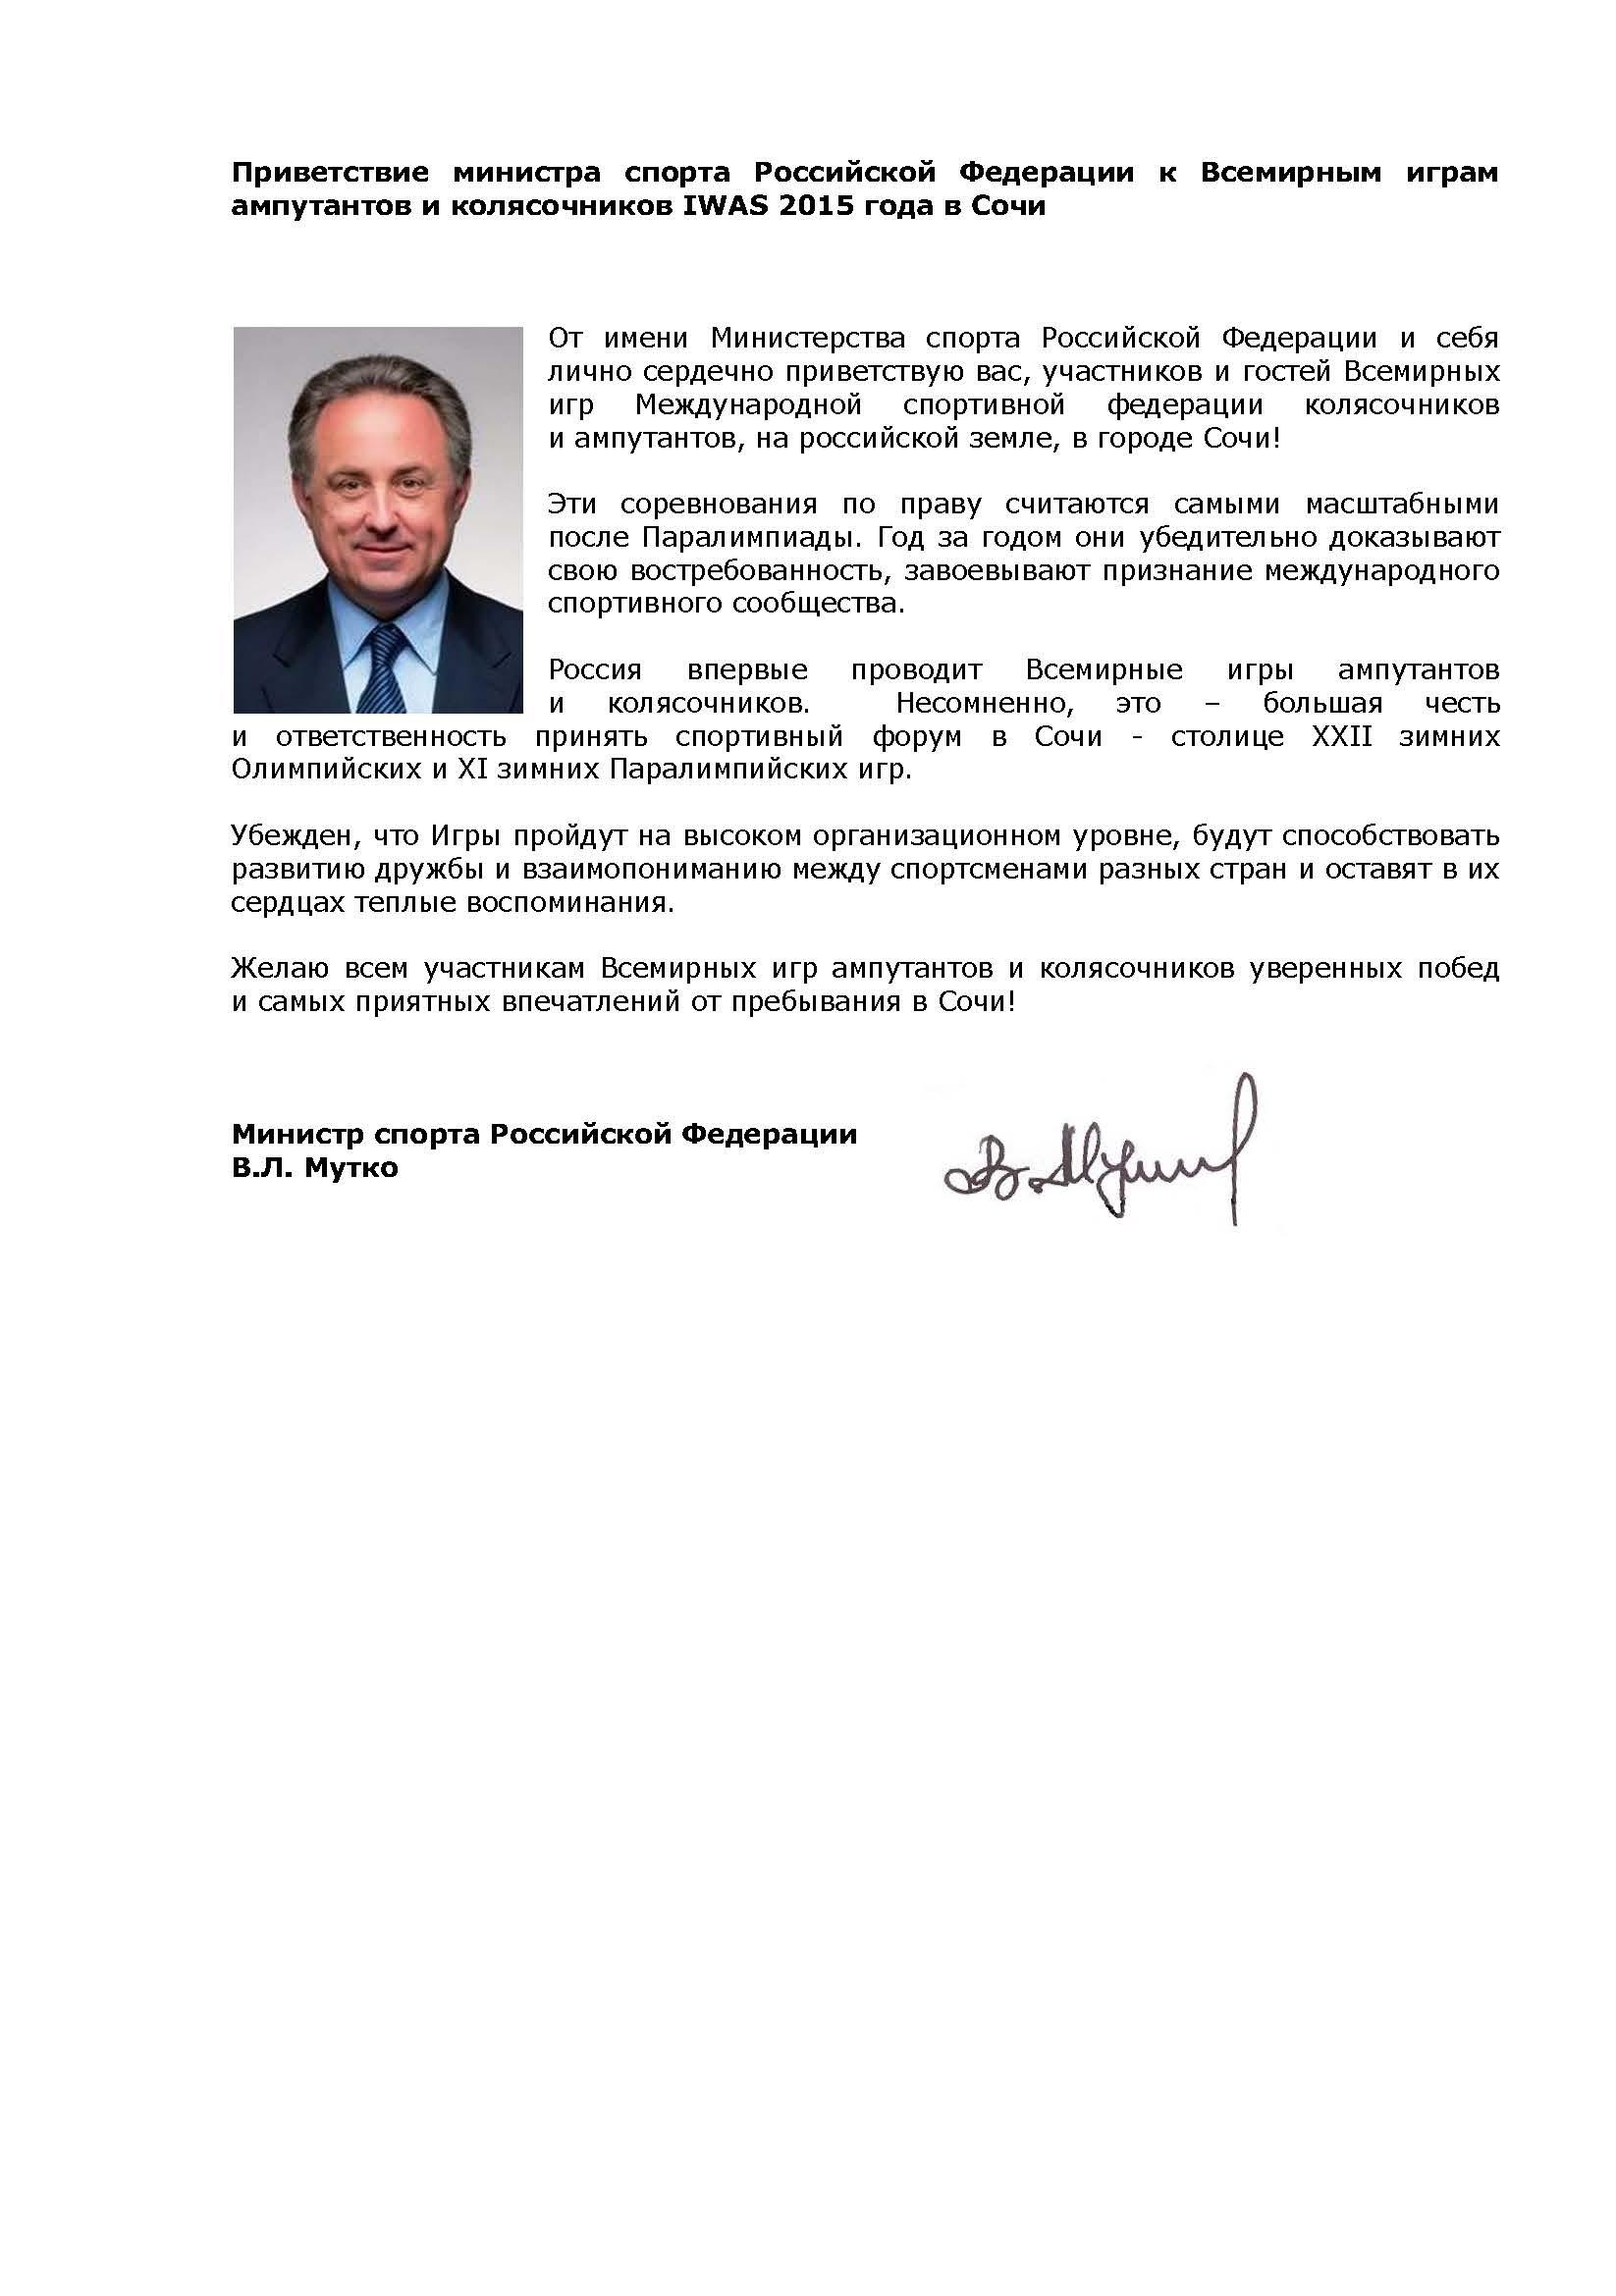 Приветствие участникам Всемирных игр IWAS Министра спорта РФ В.Л. Мутко